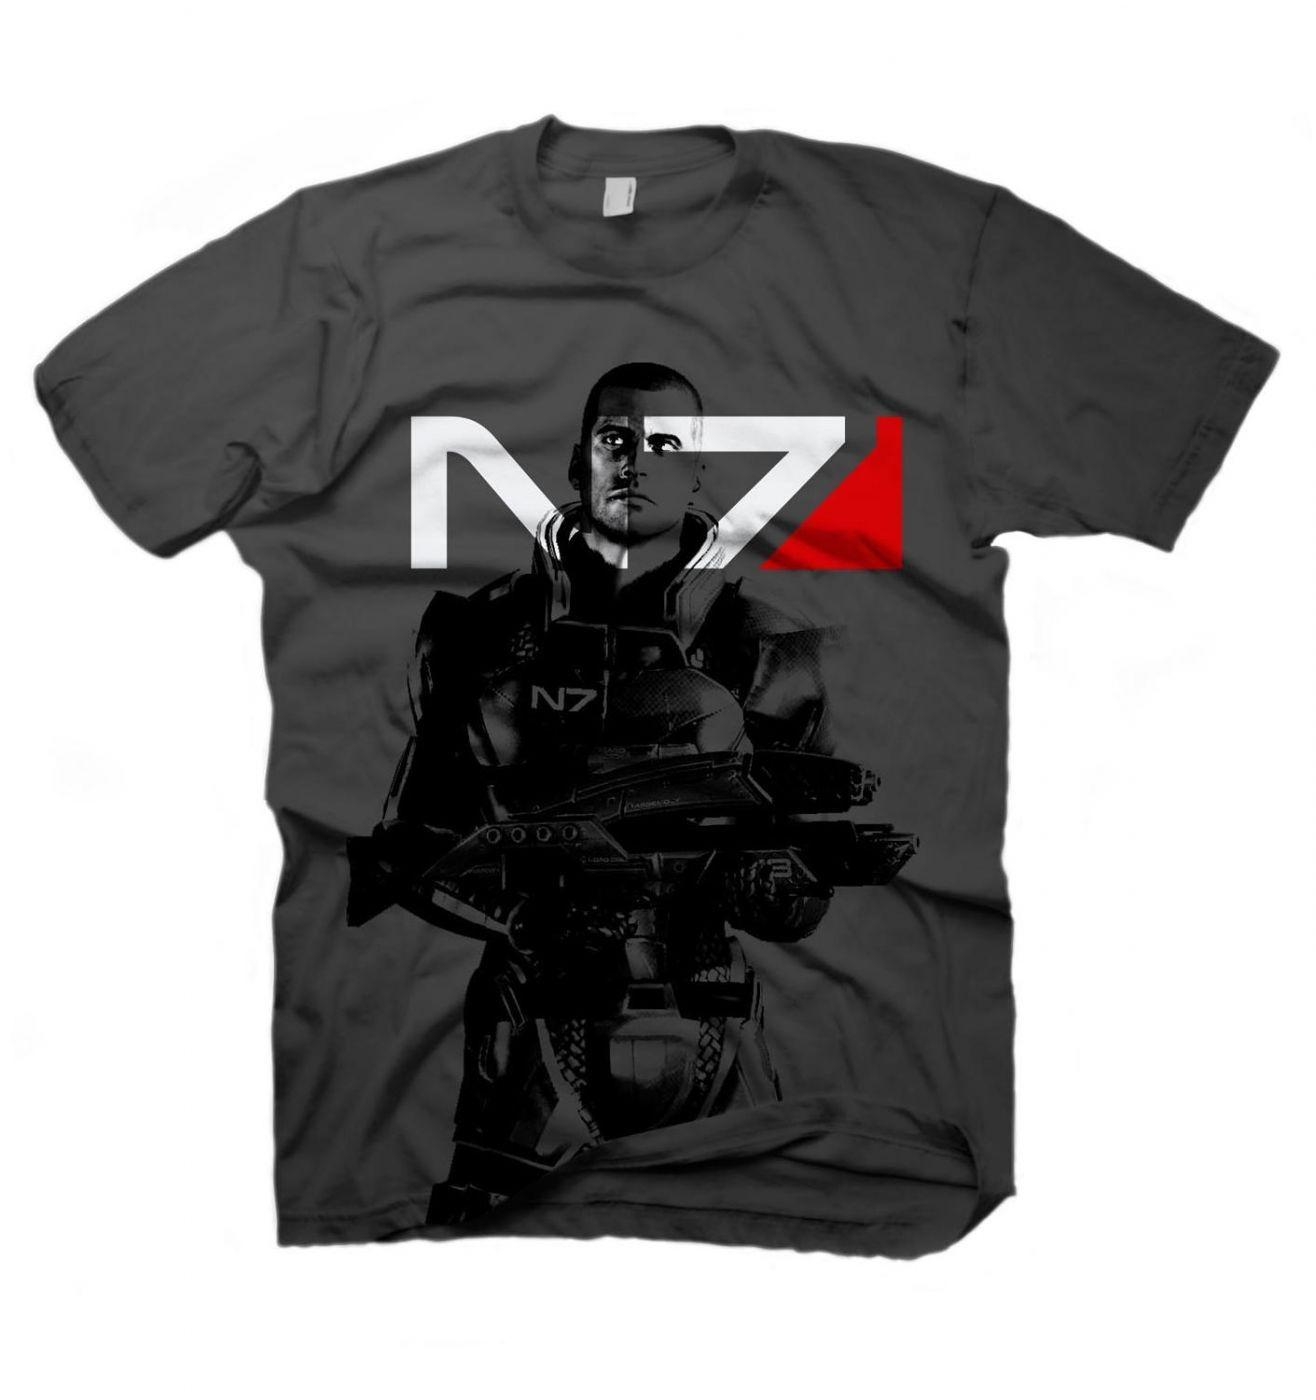 Mass Effect 2 X-Ray Shepard t-shirt - OFFICIAL